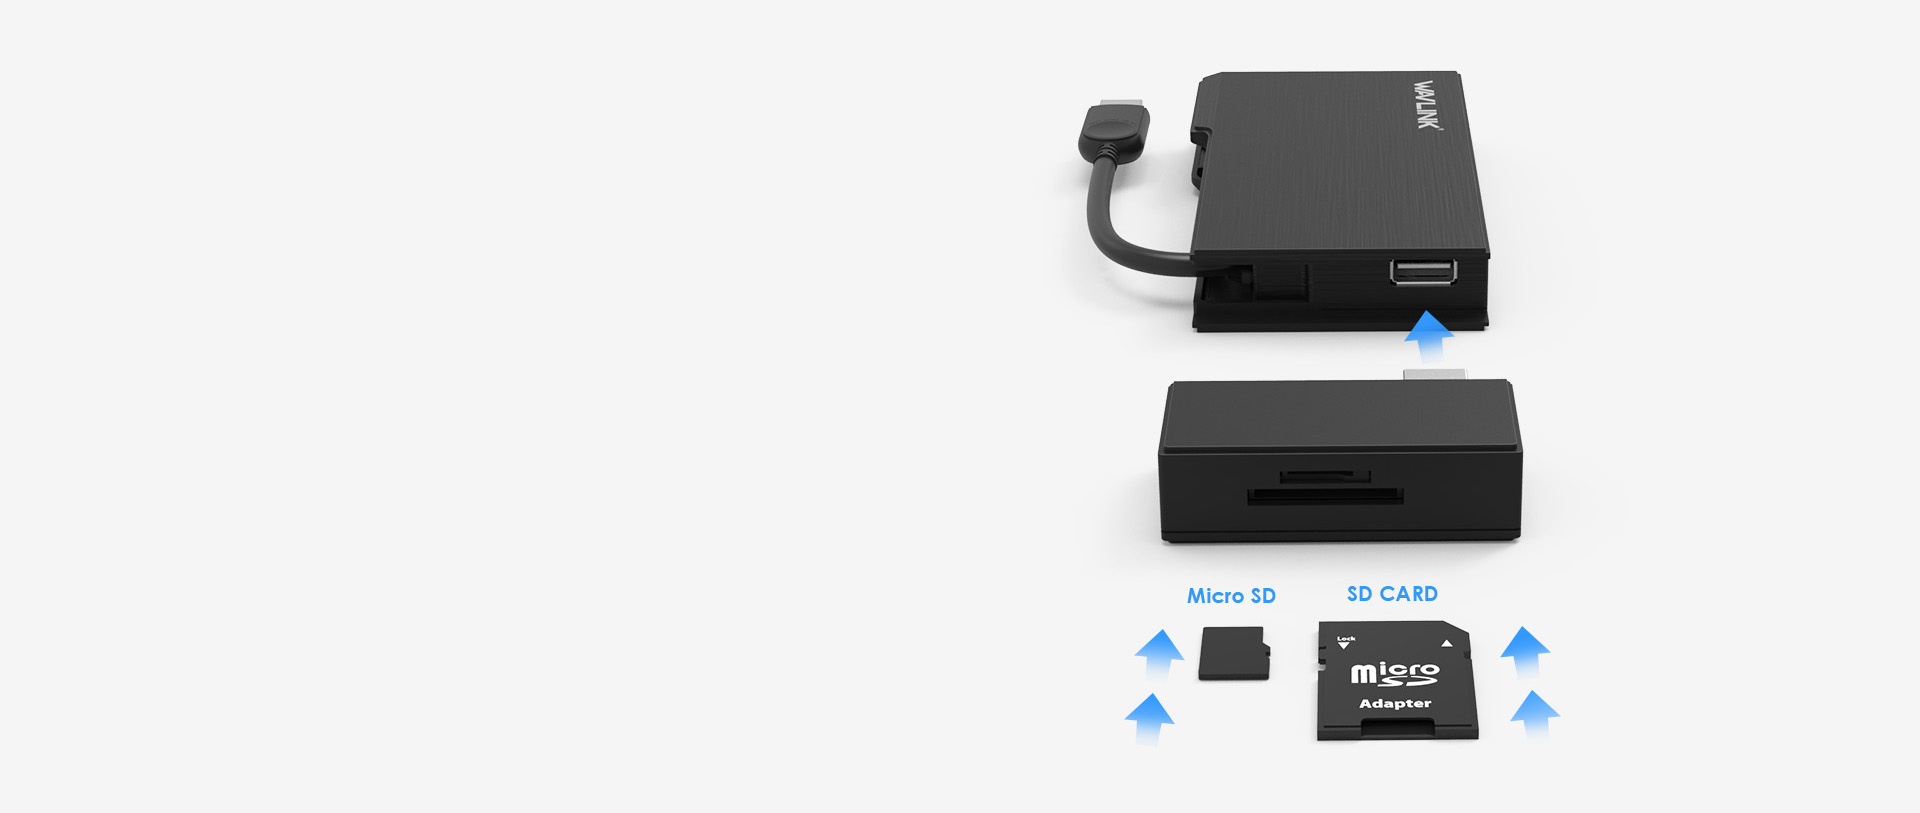 WAVLINK USB3.0 FULL HD TRAVEL MINI DOCK 6 9